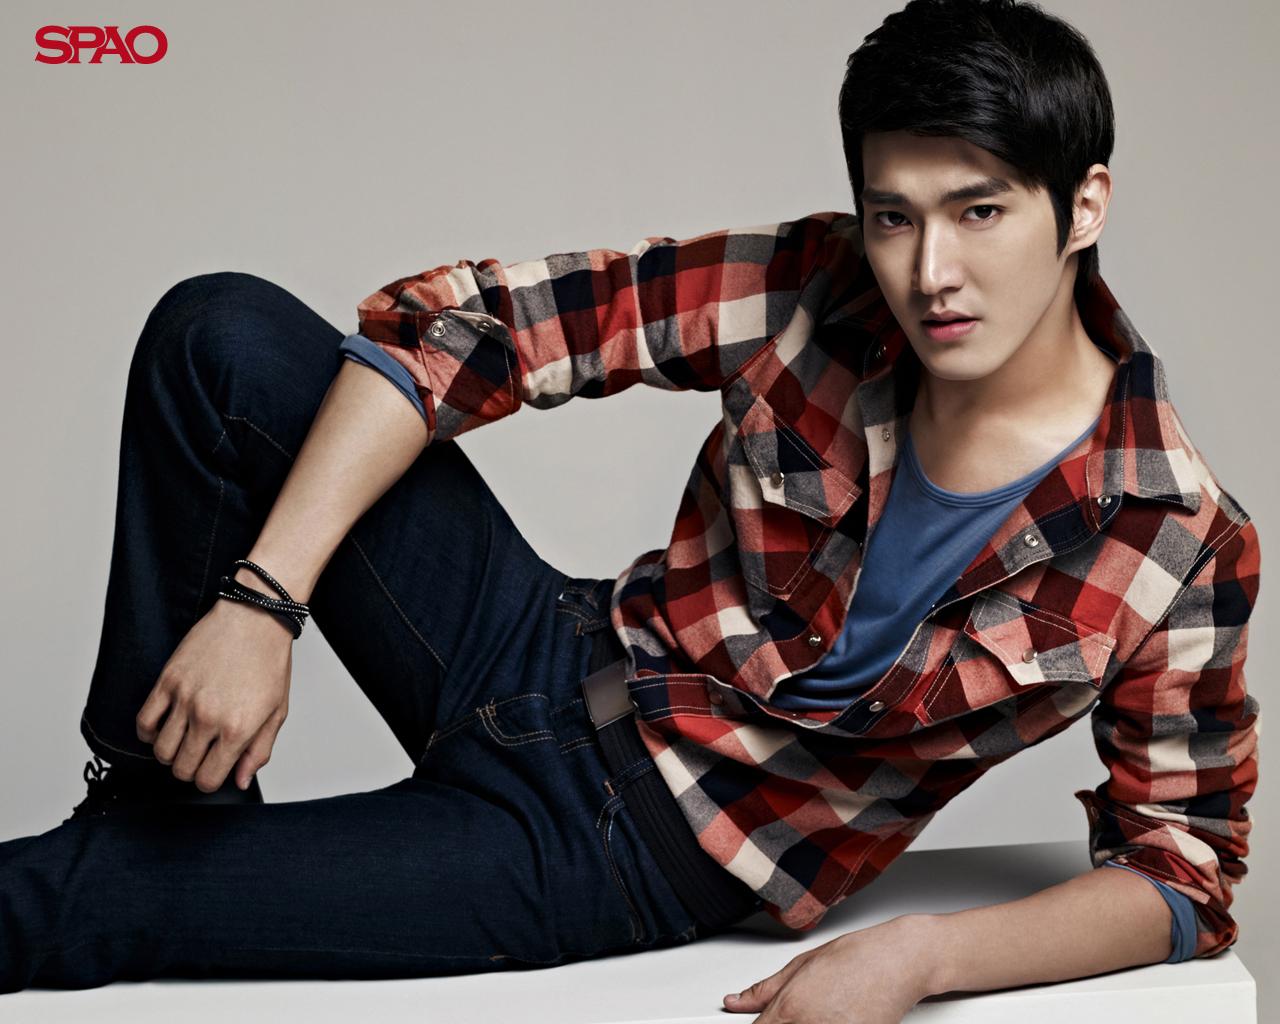 http://2.bp.blogspot.com/_XytUNXE3KRw/TGzhlkM8CfI/AAAAAAAACnA/UGC_GRetg6g/s1600/Siwon.jpg